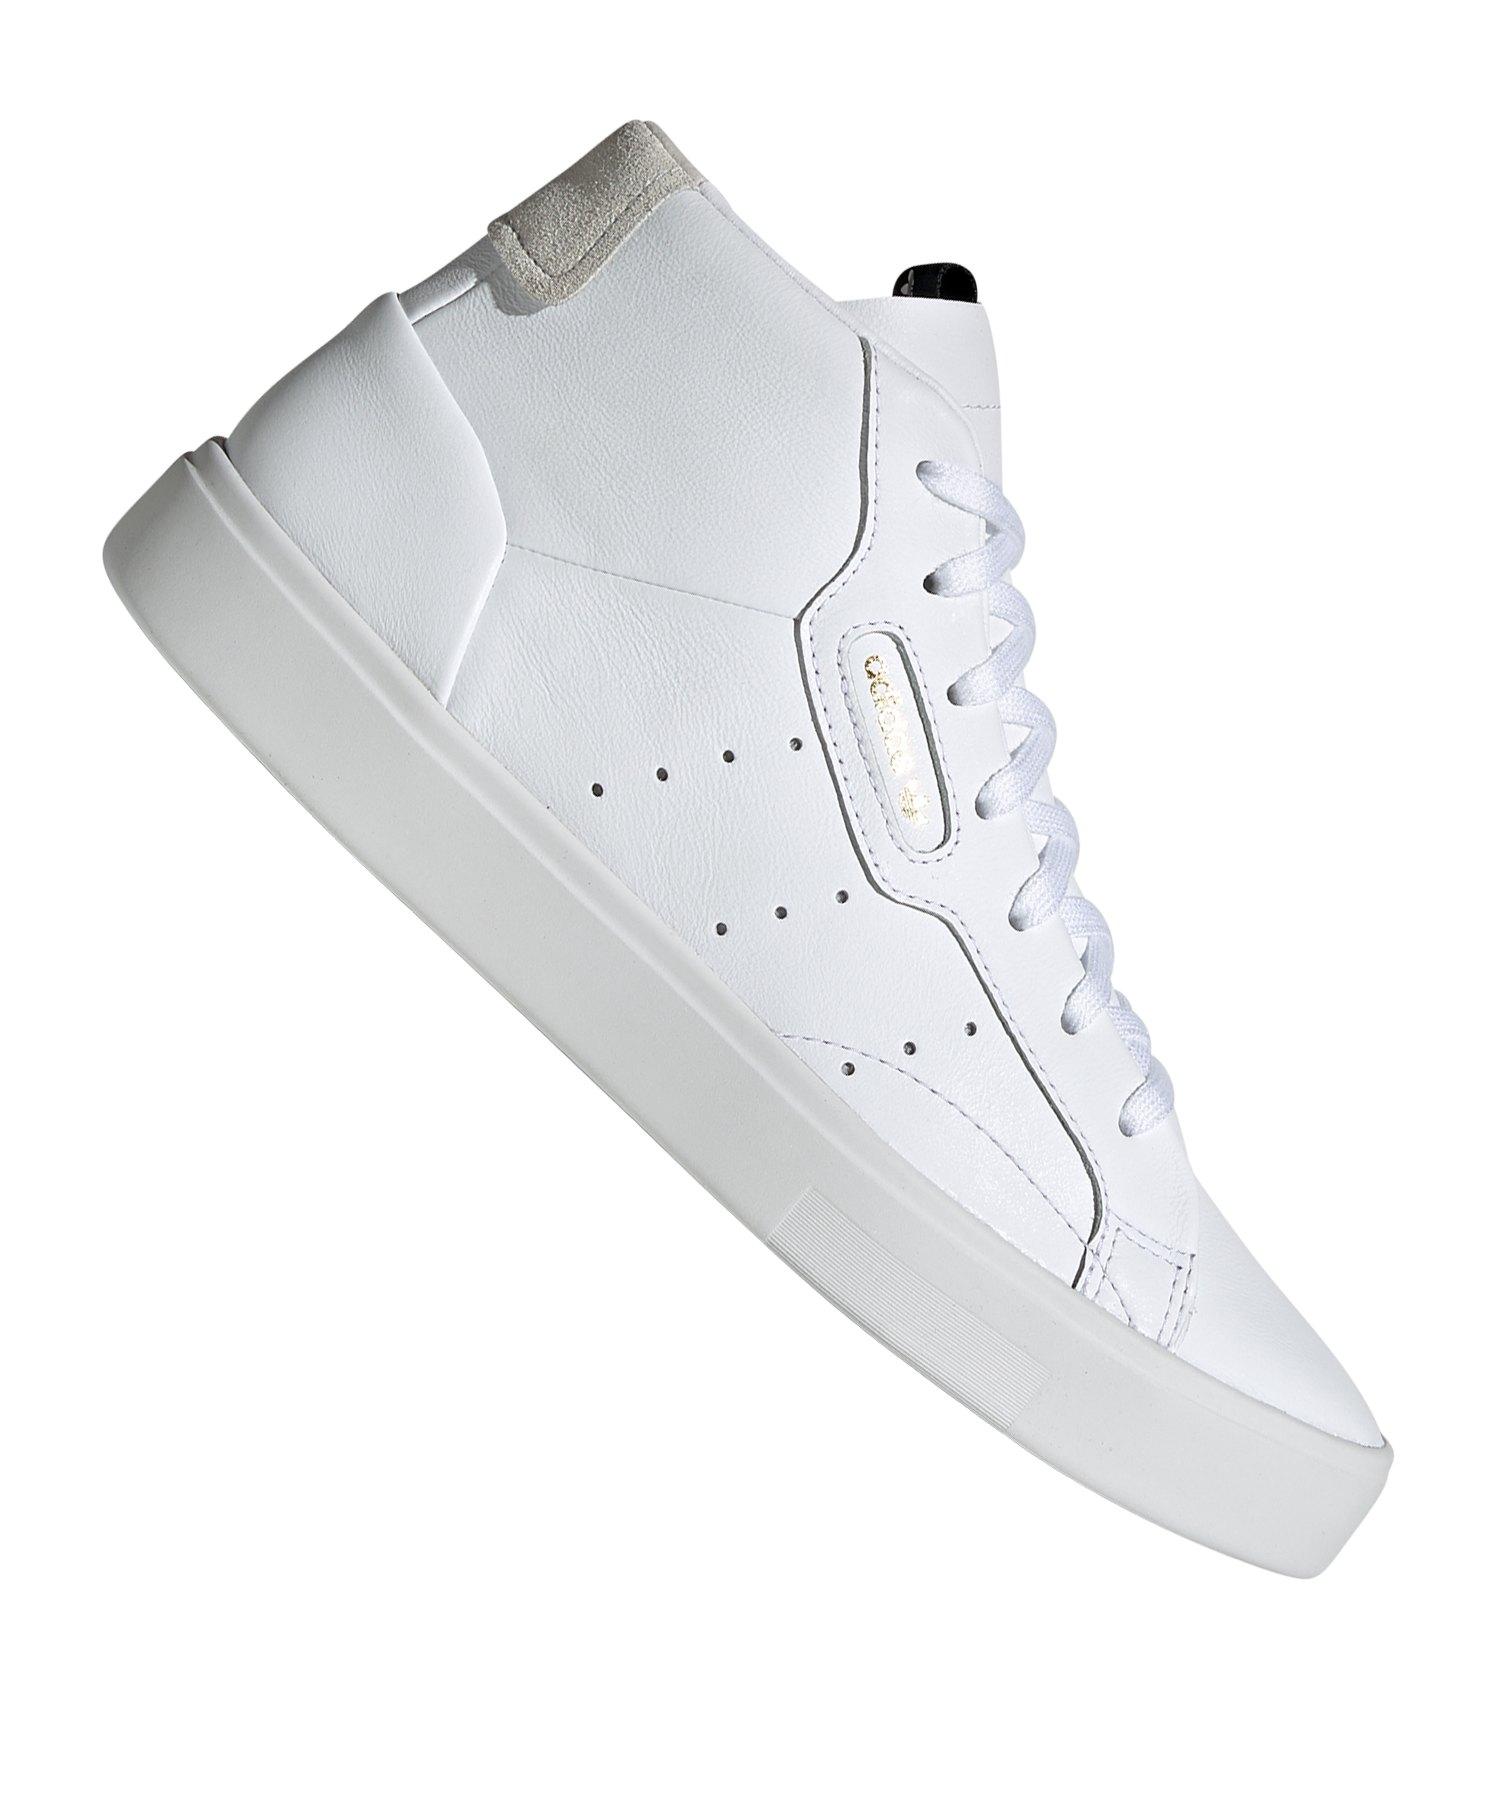 adidas schuhe adidas damen weiß schuhe damen schuhe damen weiß schuhe adidas adidas weiß zVMpGSUq